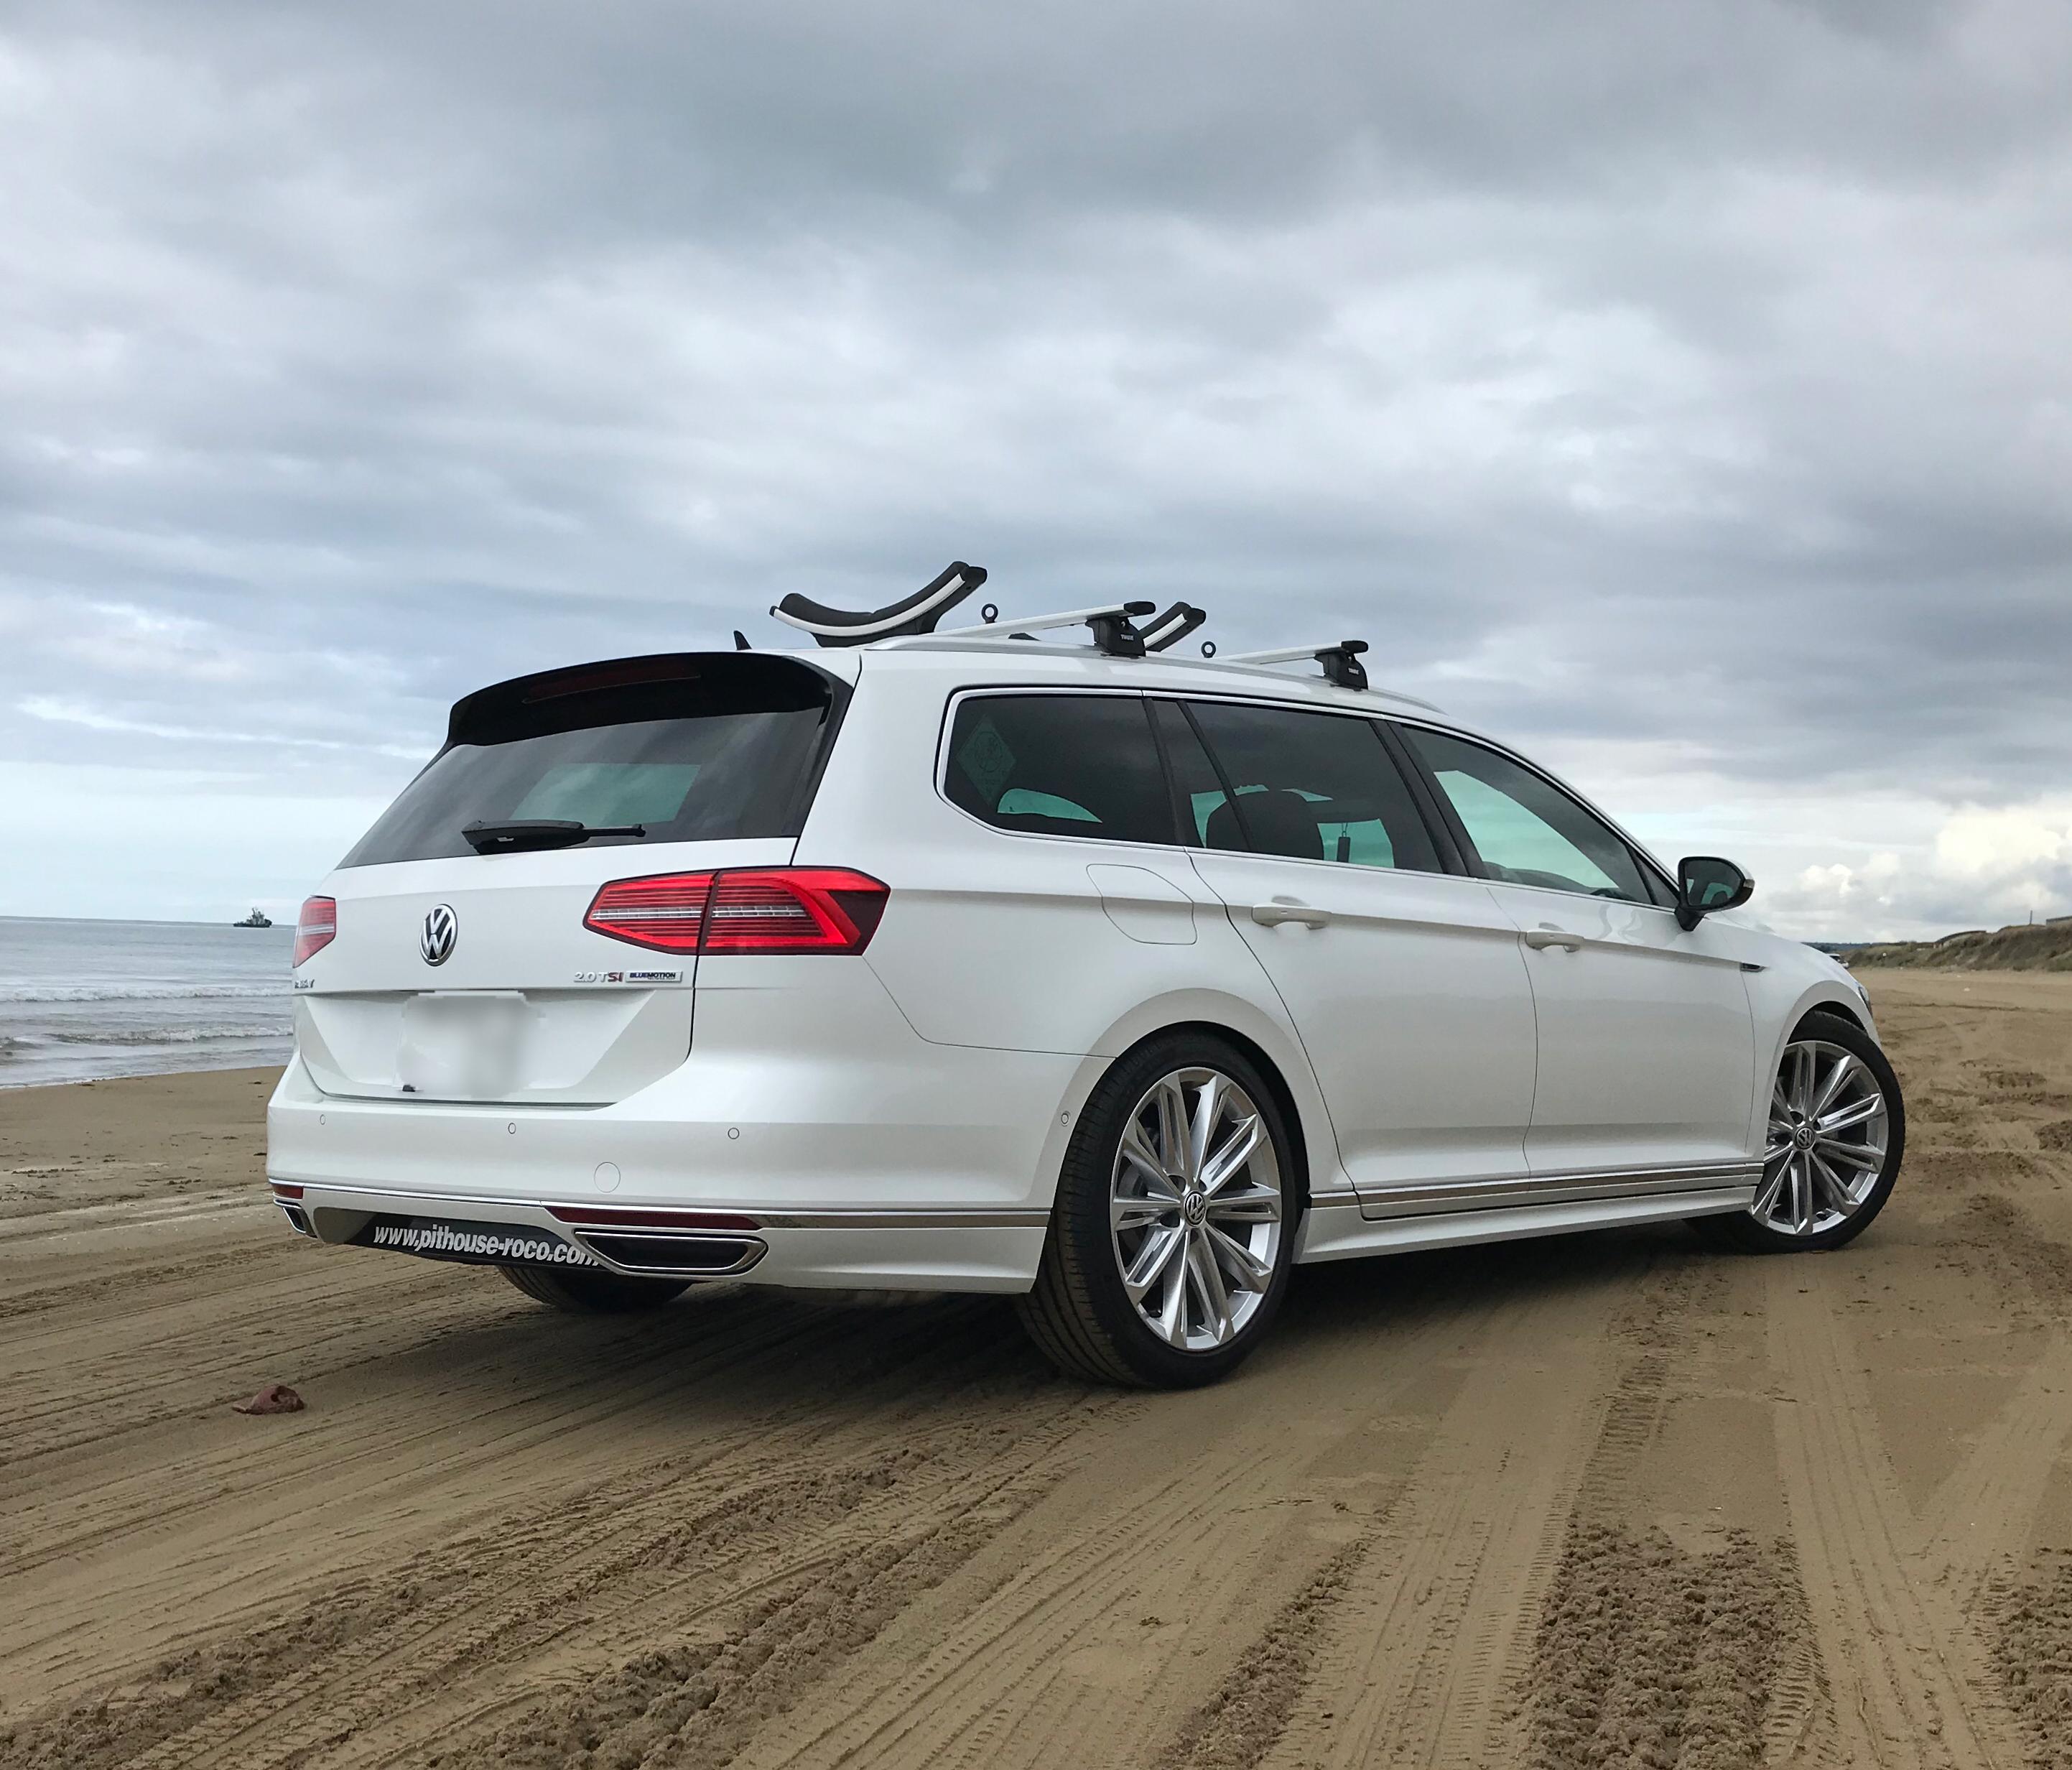 Volkswagen Passat Alltrack Volkswagenpassat Volkswagen Passat Volkswagen Vw Passat